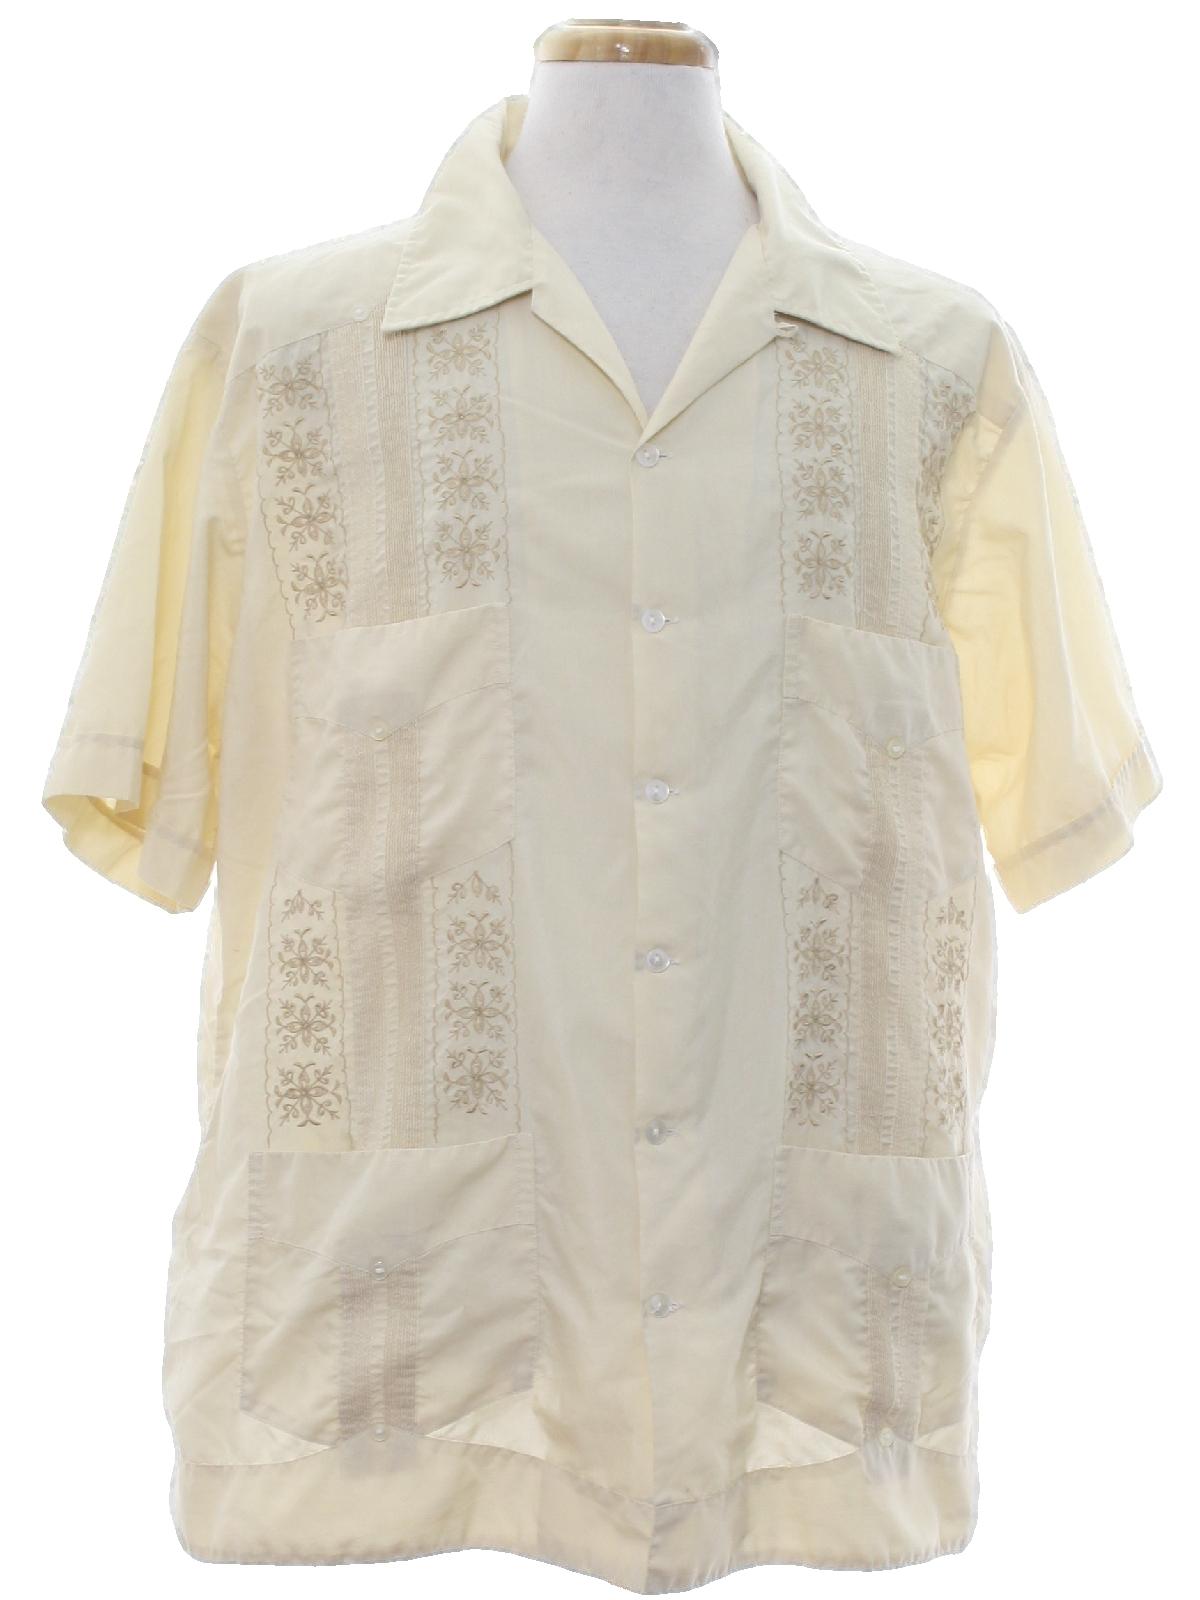 670ba5d2 Retro 80's Guayabera Shirt: 80s -Campos- Mens light maize and bronze ...